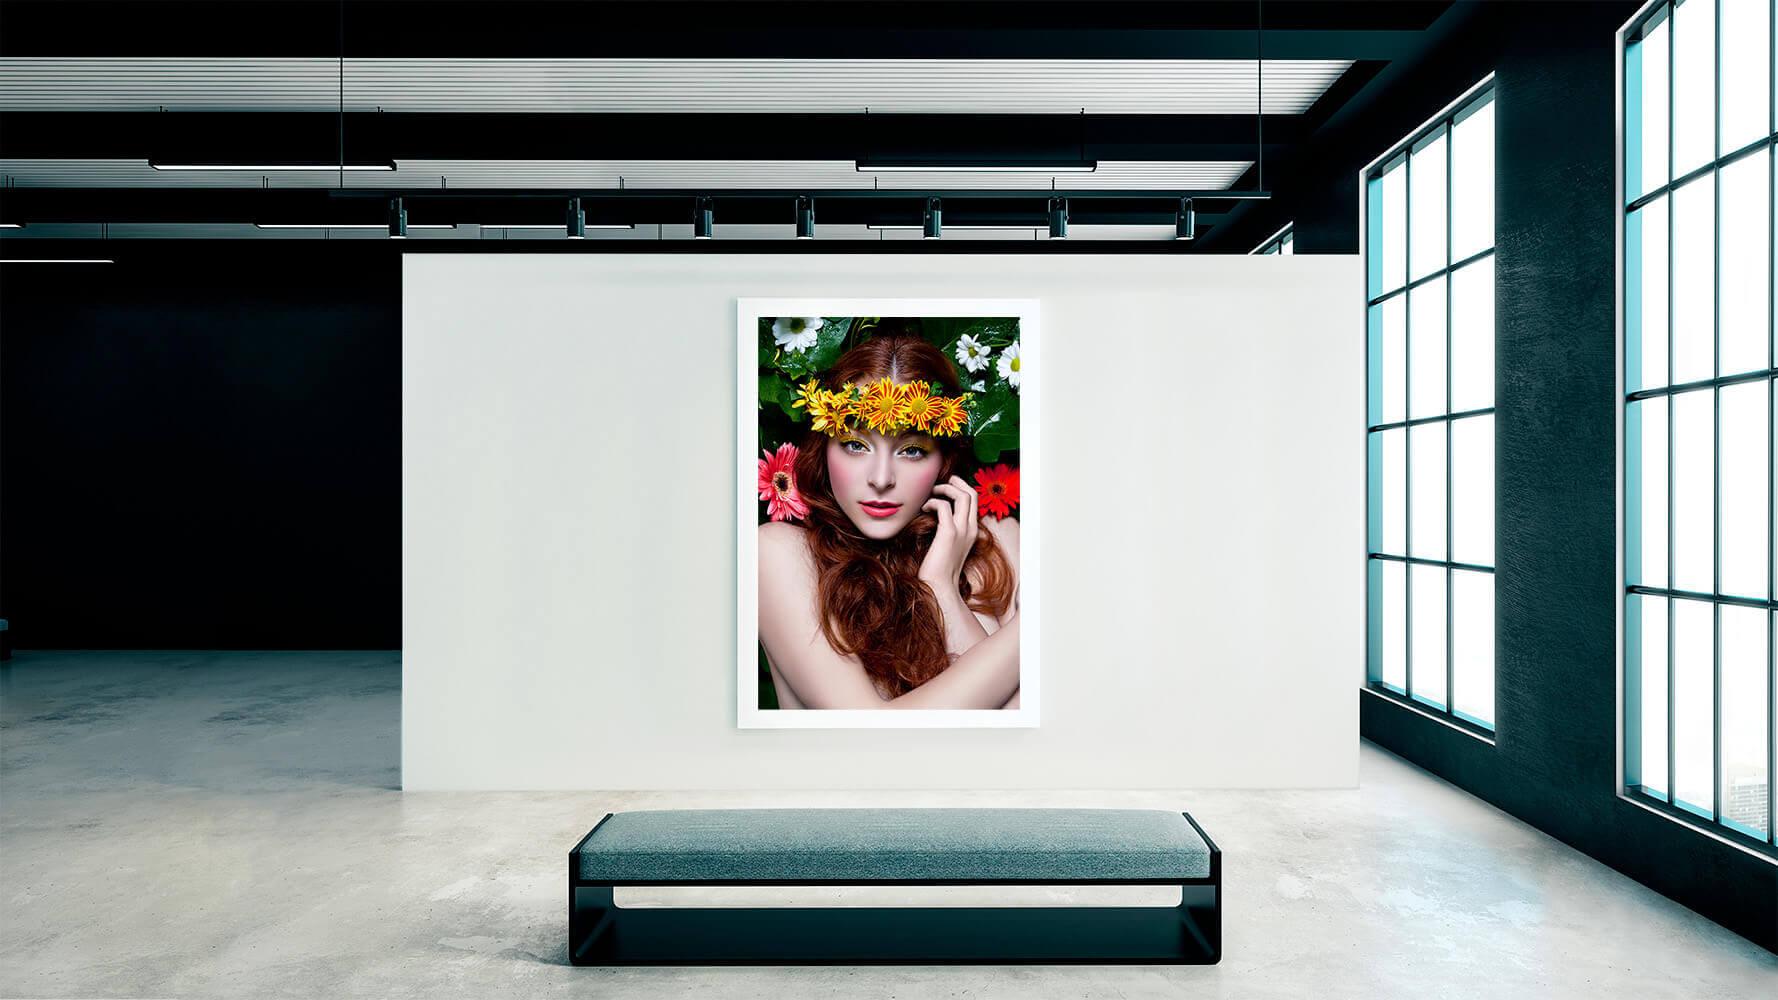 Angel-ruiz-ruiz-exposicion-venus-vere-lete-papillon-Horno-Virtual-Gallery-galeria-arte-fotografia-artistica-edicion-limitada-decoracion-5